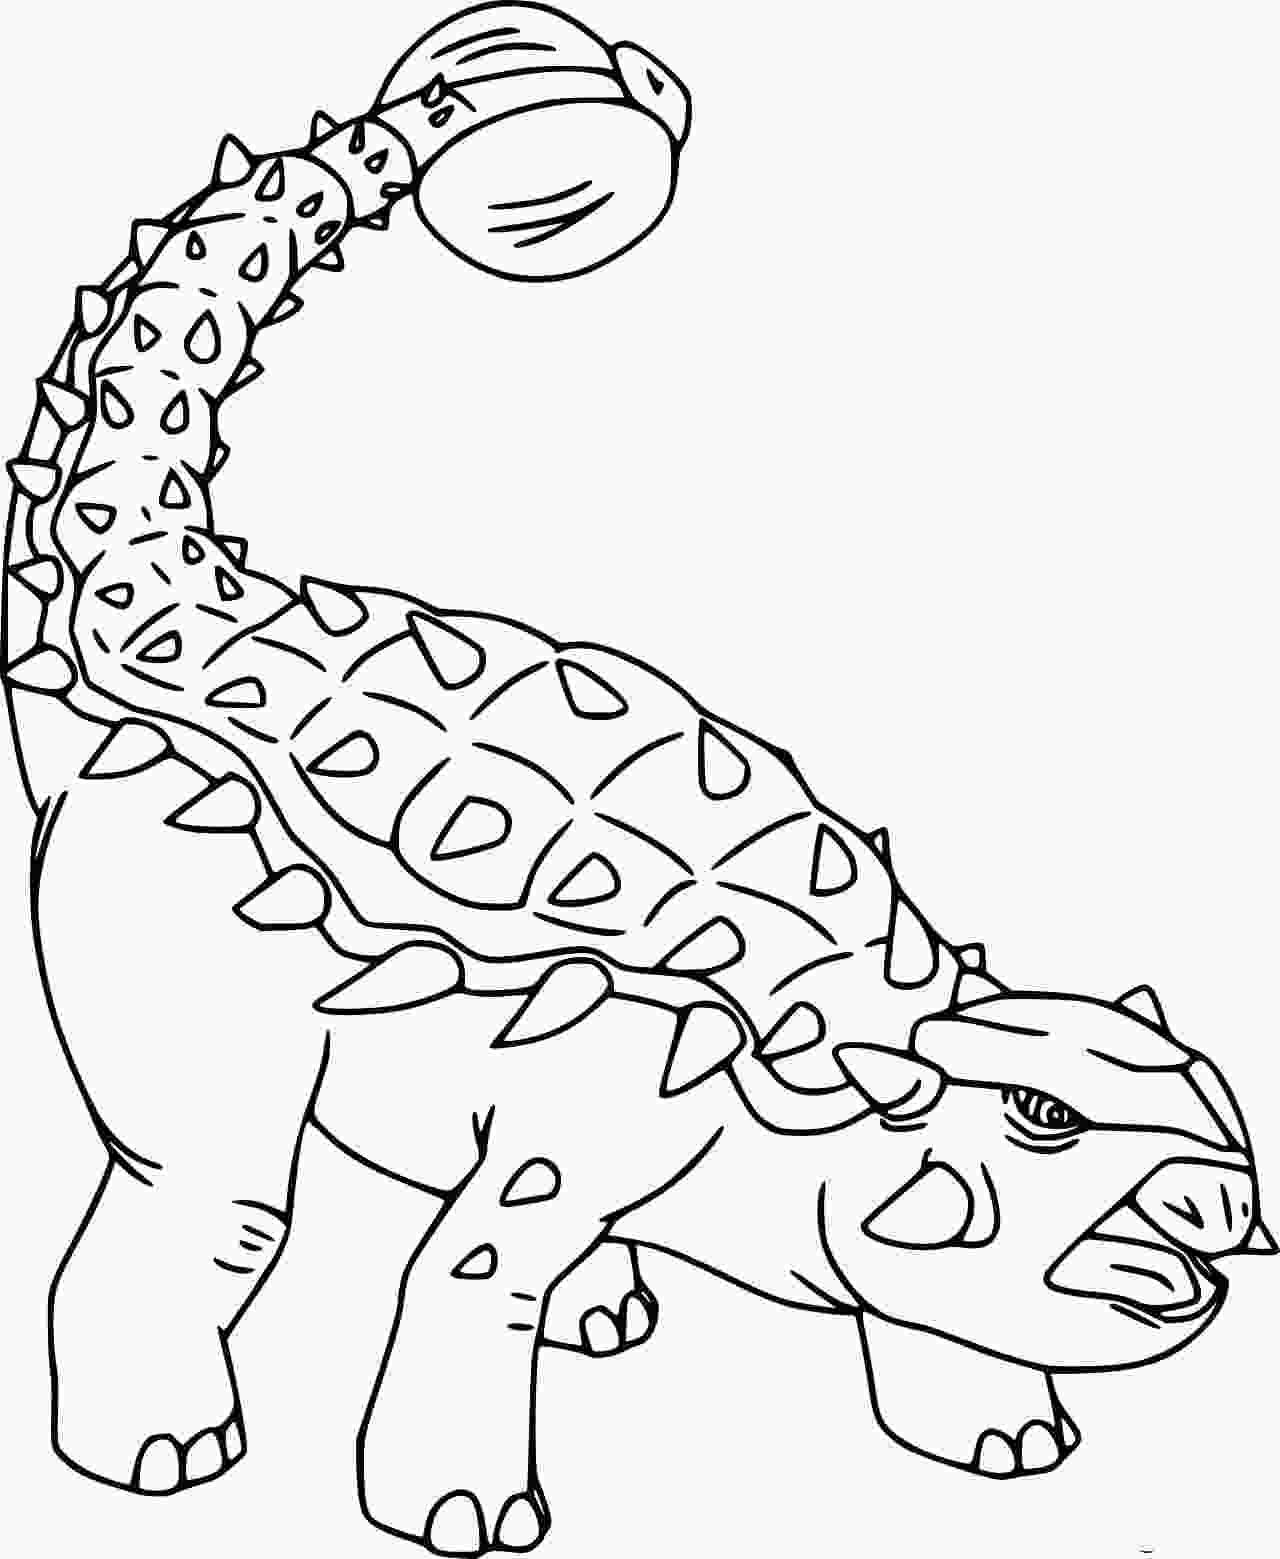 Simple Ankylosaurus Dinosaur Coloring Page